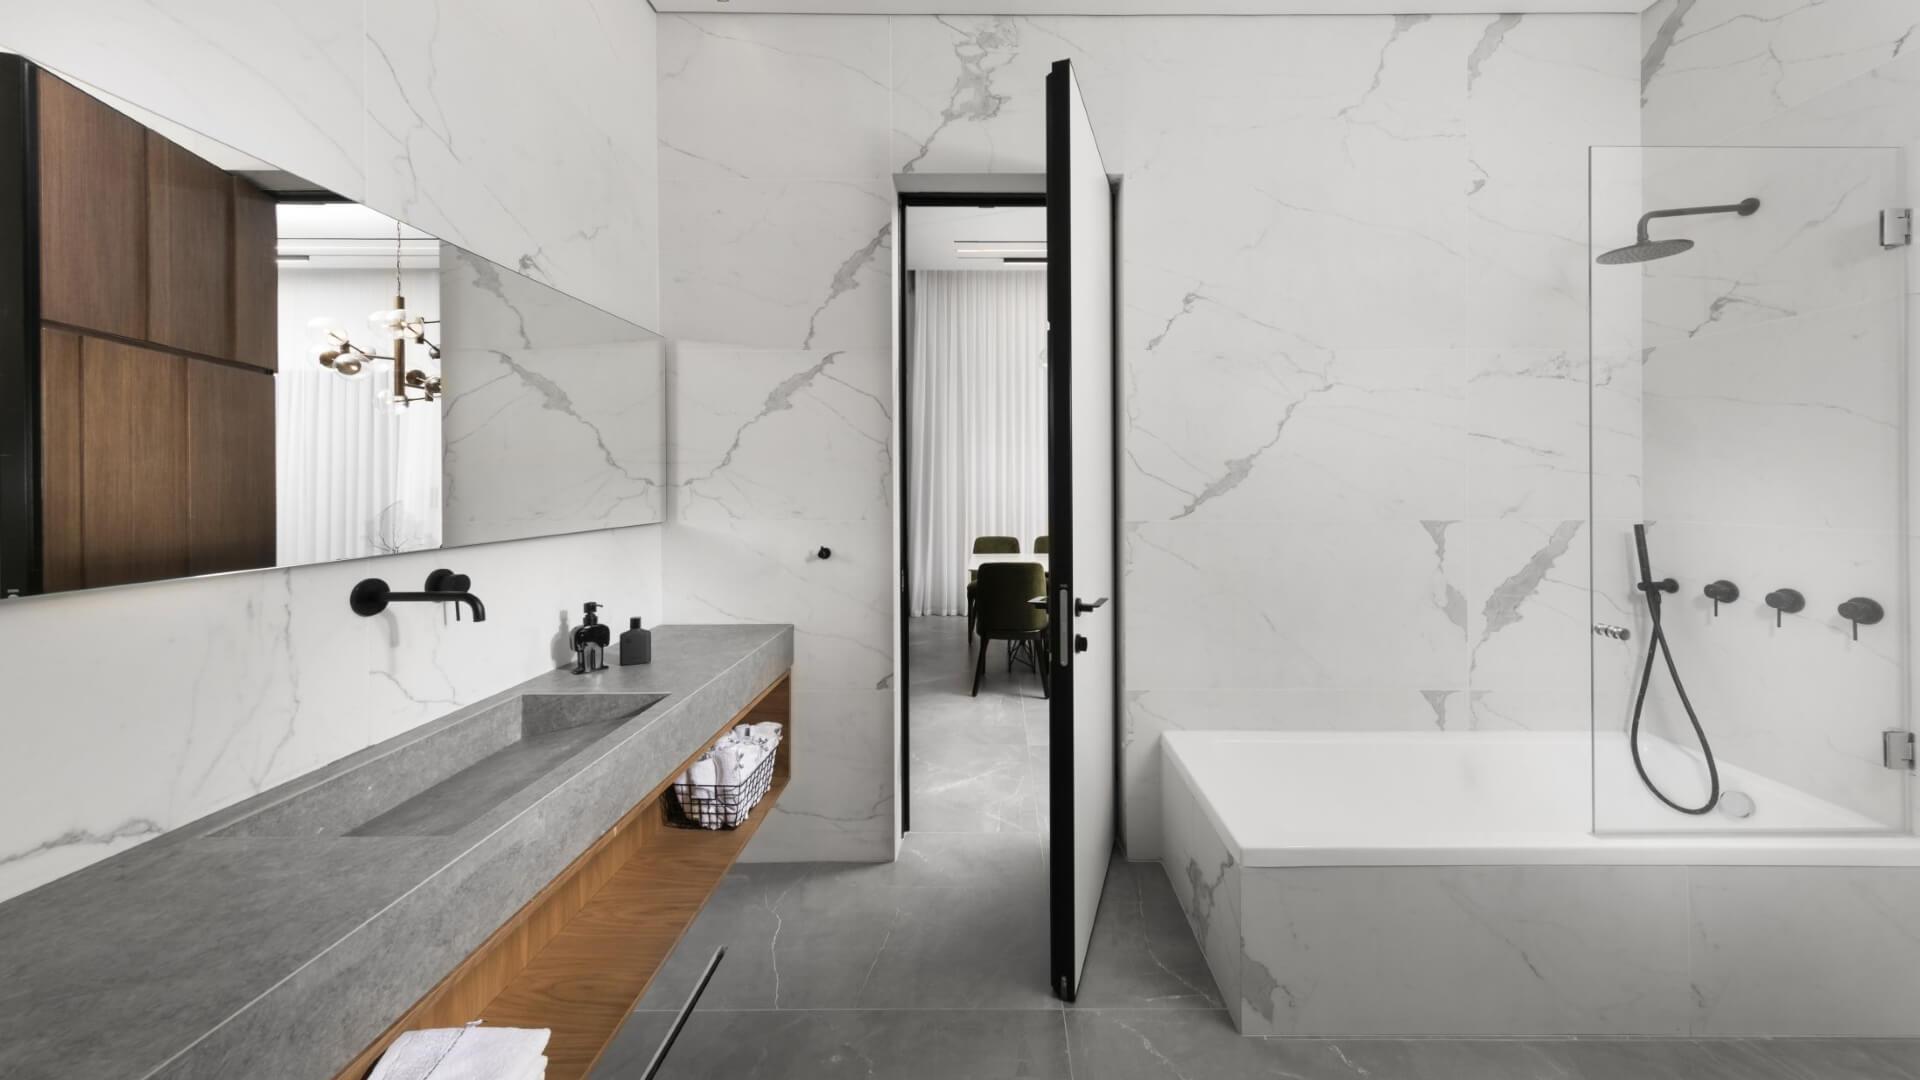 מקלחון פינתי בעיצוב מיוחד